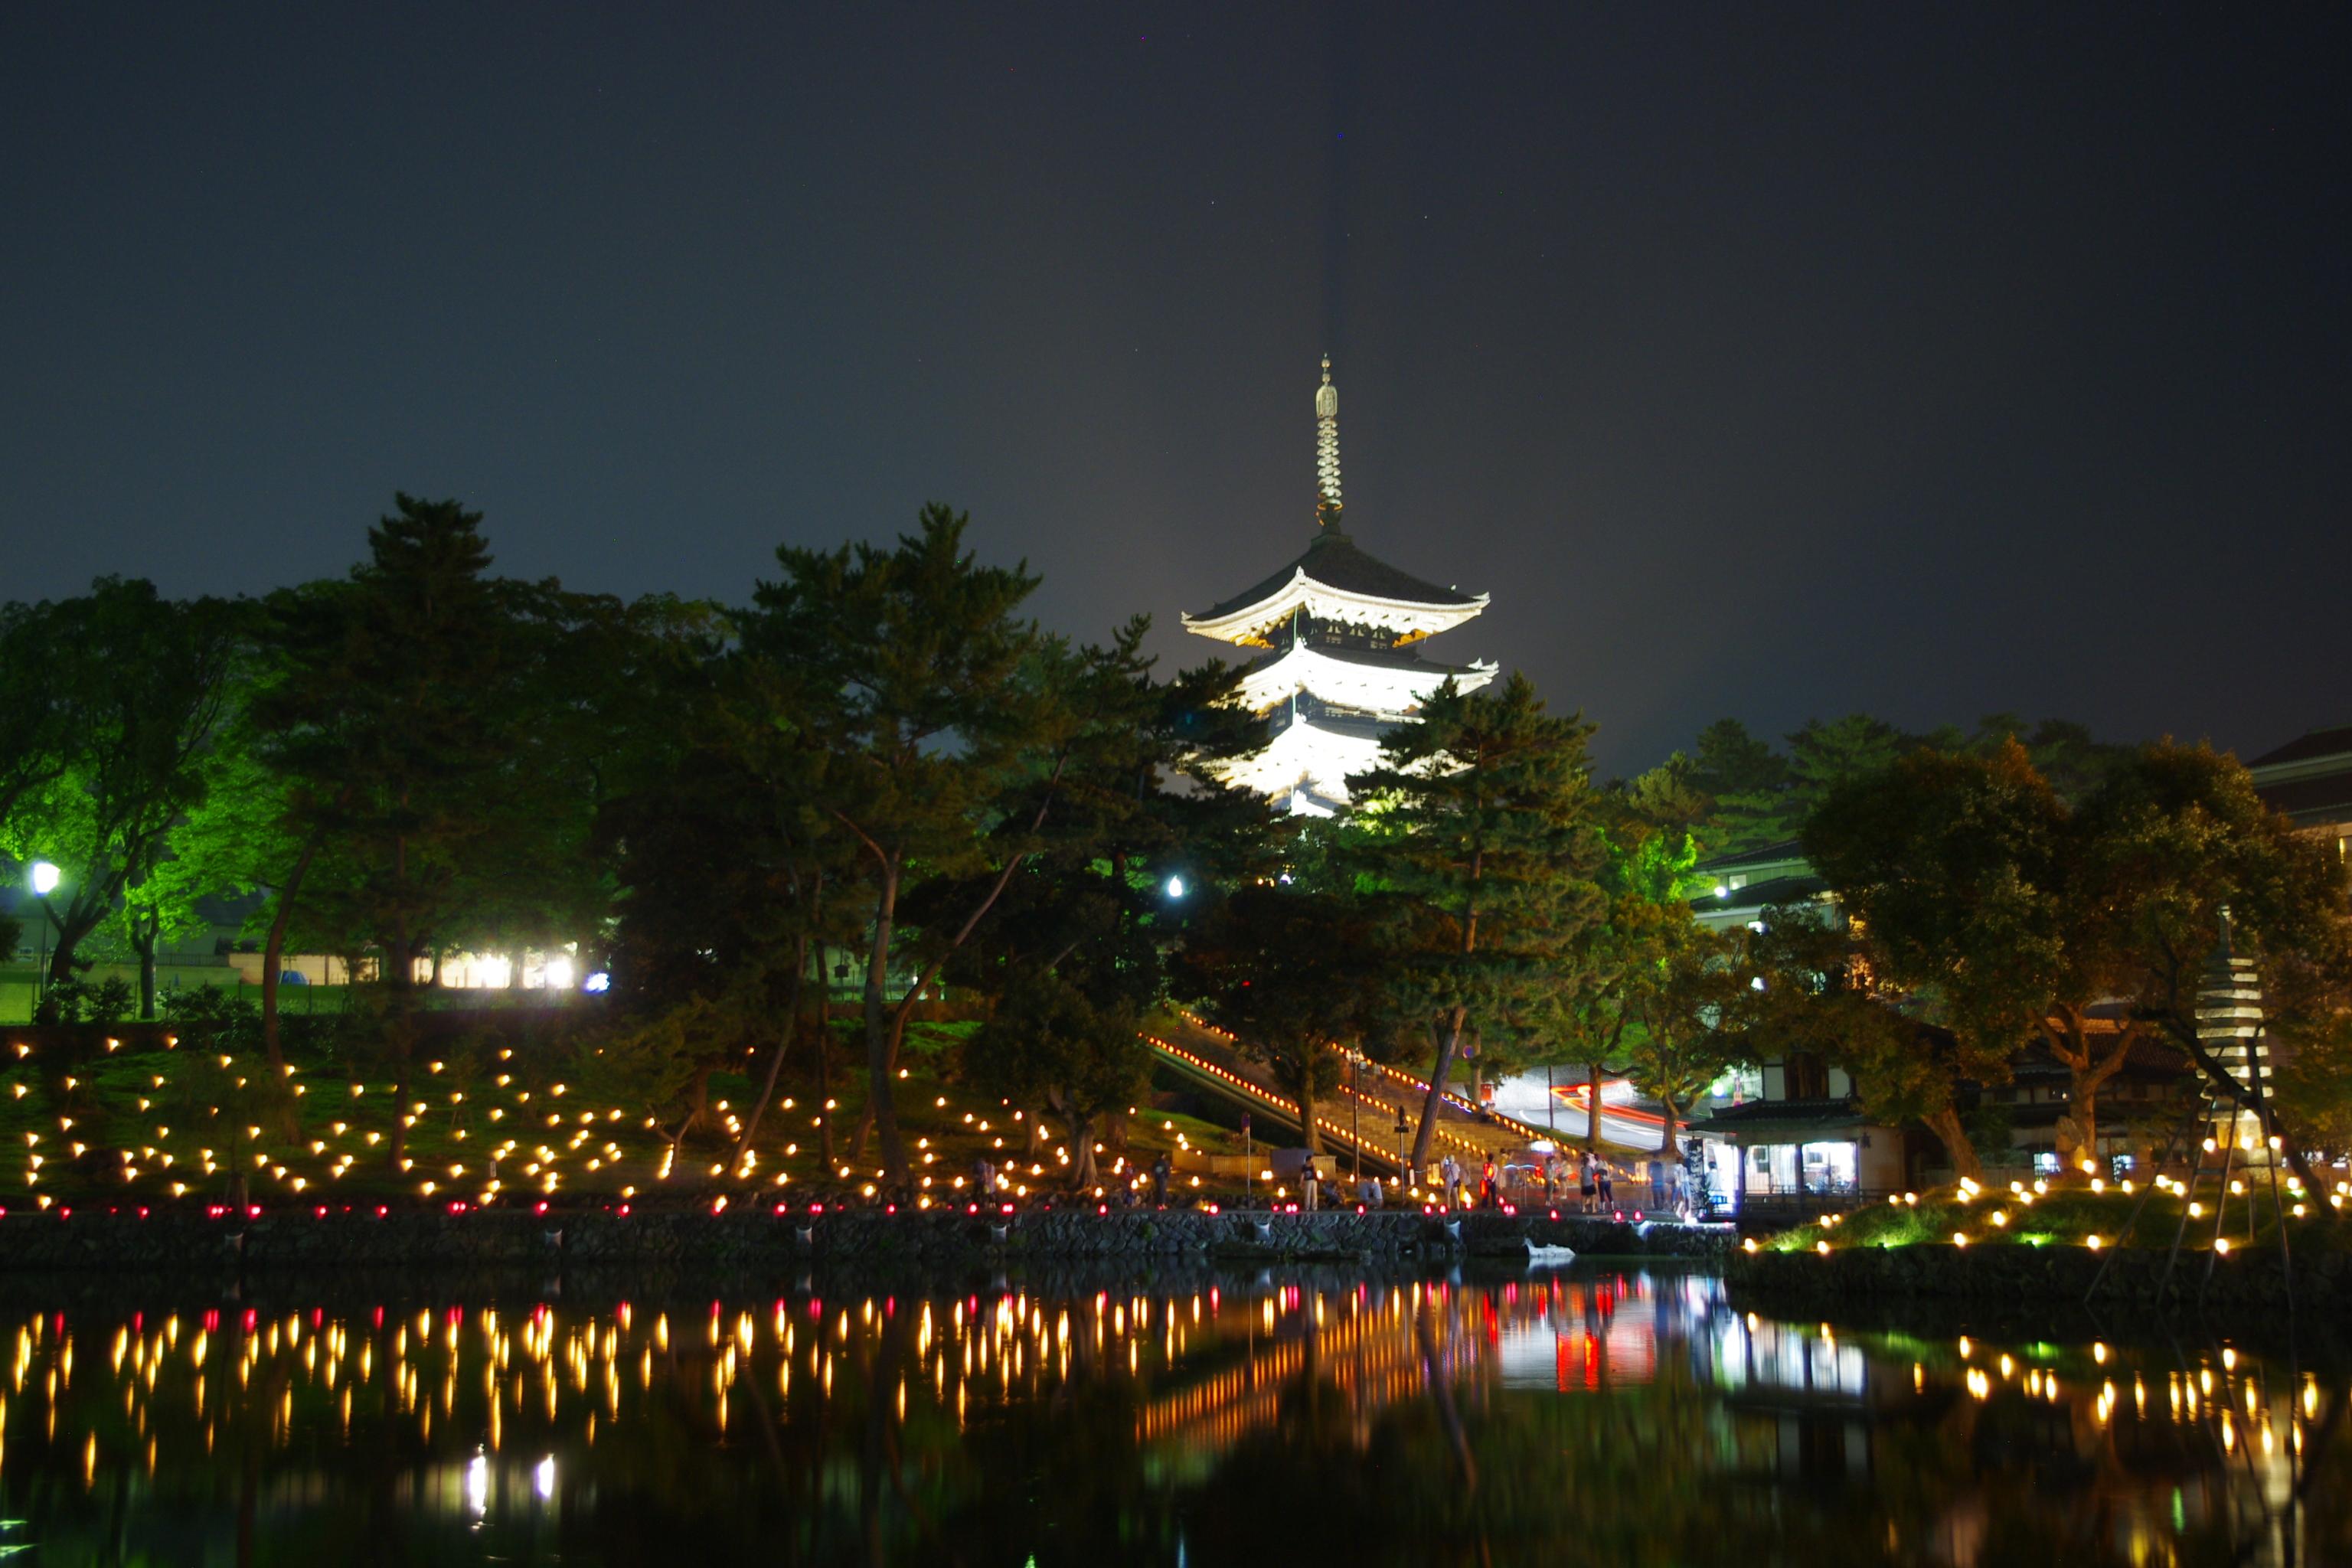 奈良でディナー!夜景が楽しめるデートにおすすめなおしゃれな場所はどこ?